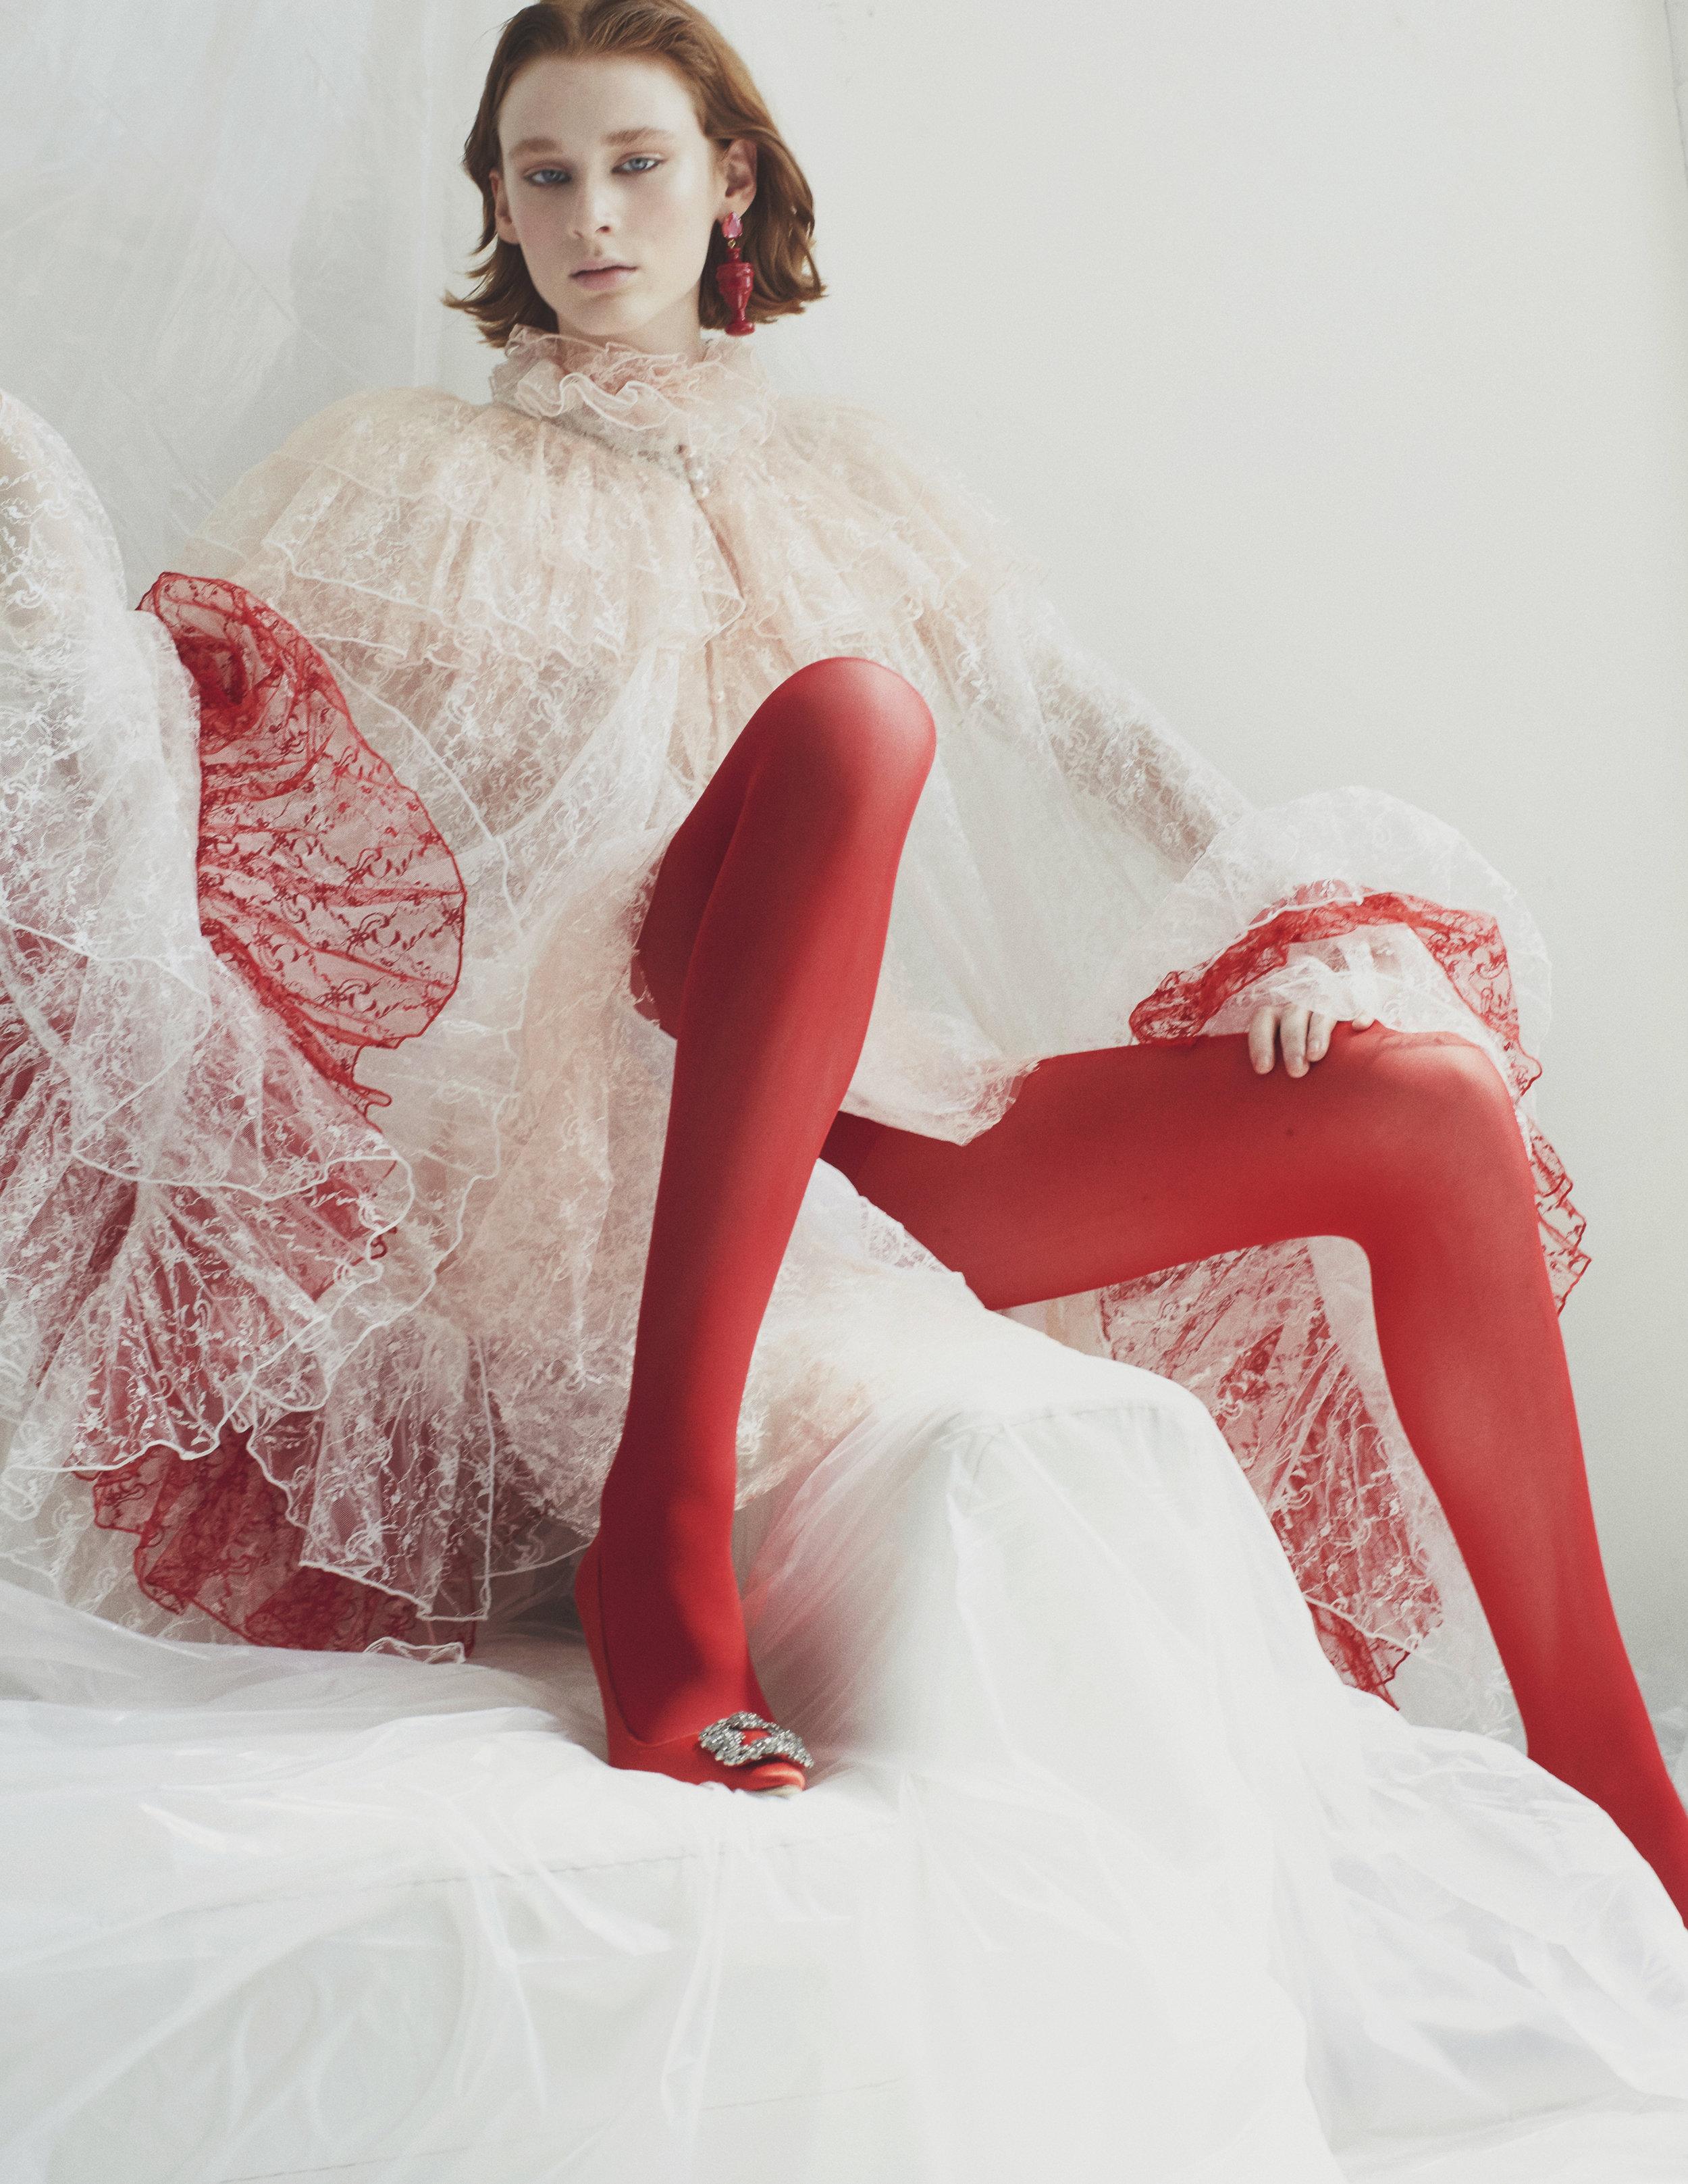 Kaila Wyatt at The Society by Mikey Asanin